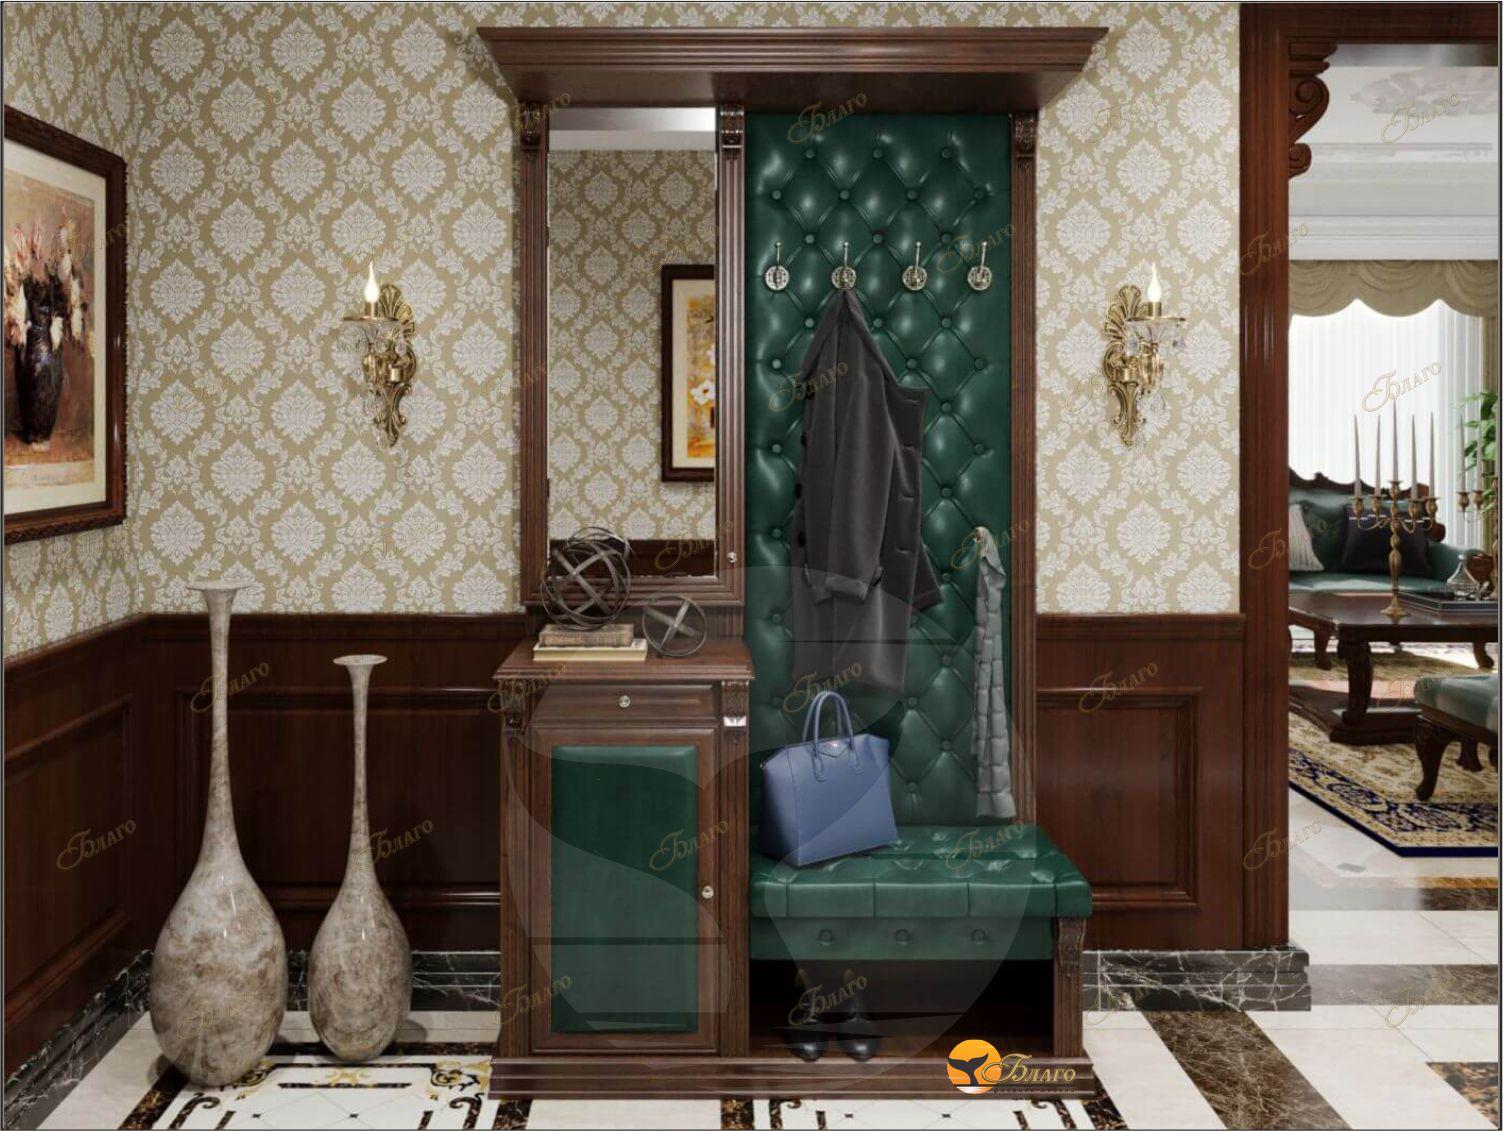 Прихожая с тумбой и зеркалом Б5-11-1 (орех+экокожа изумруд) Благо